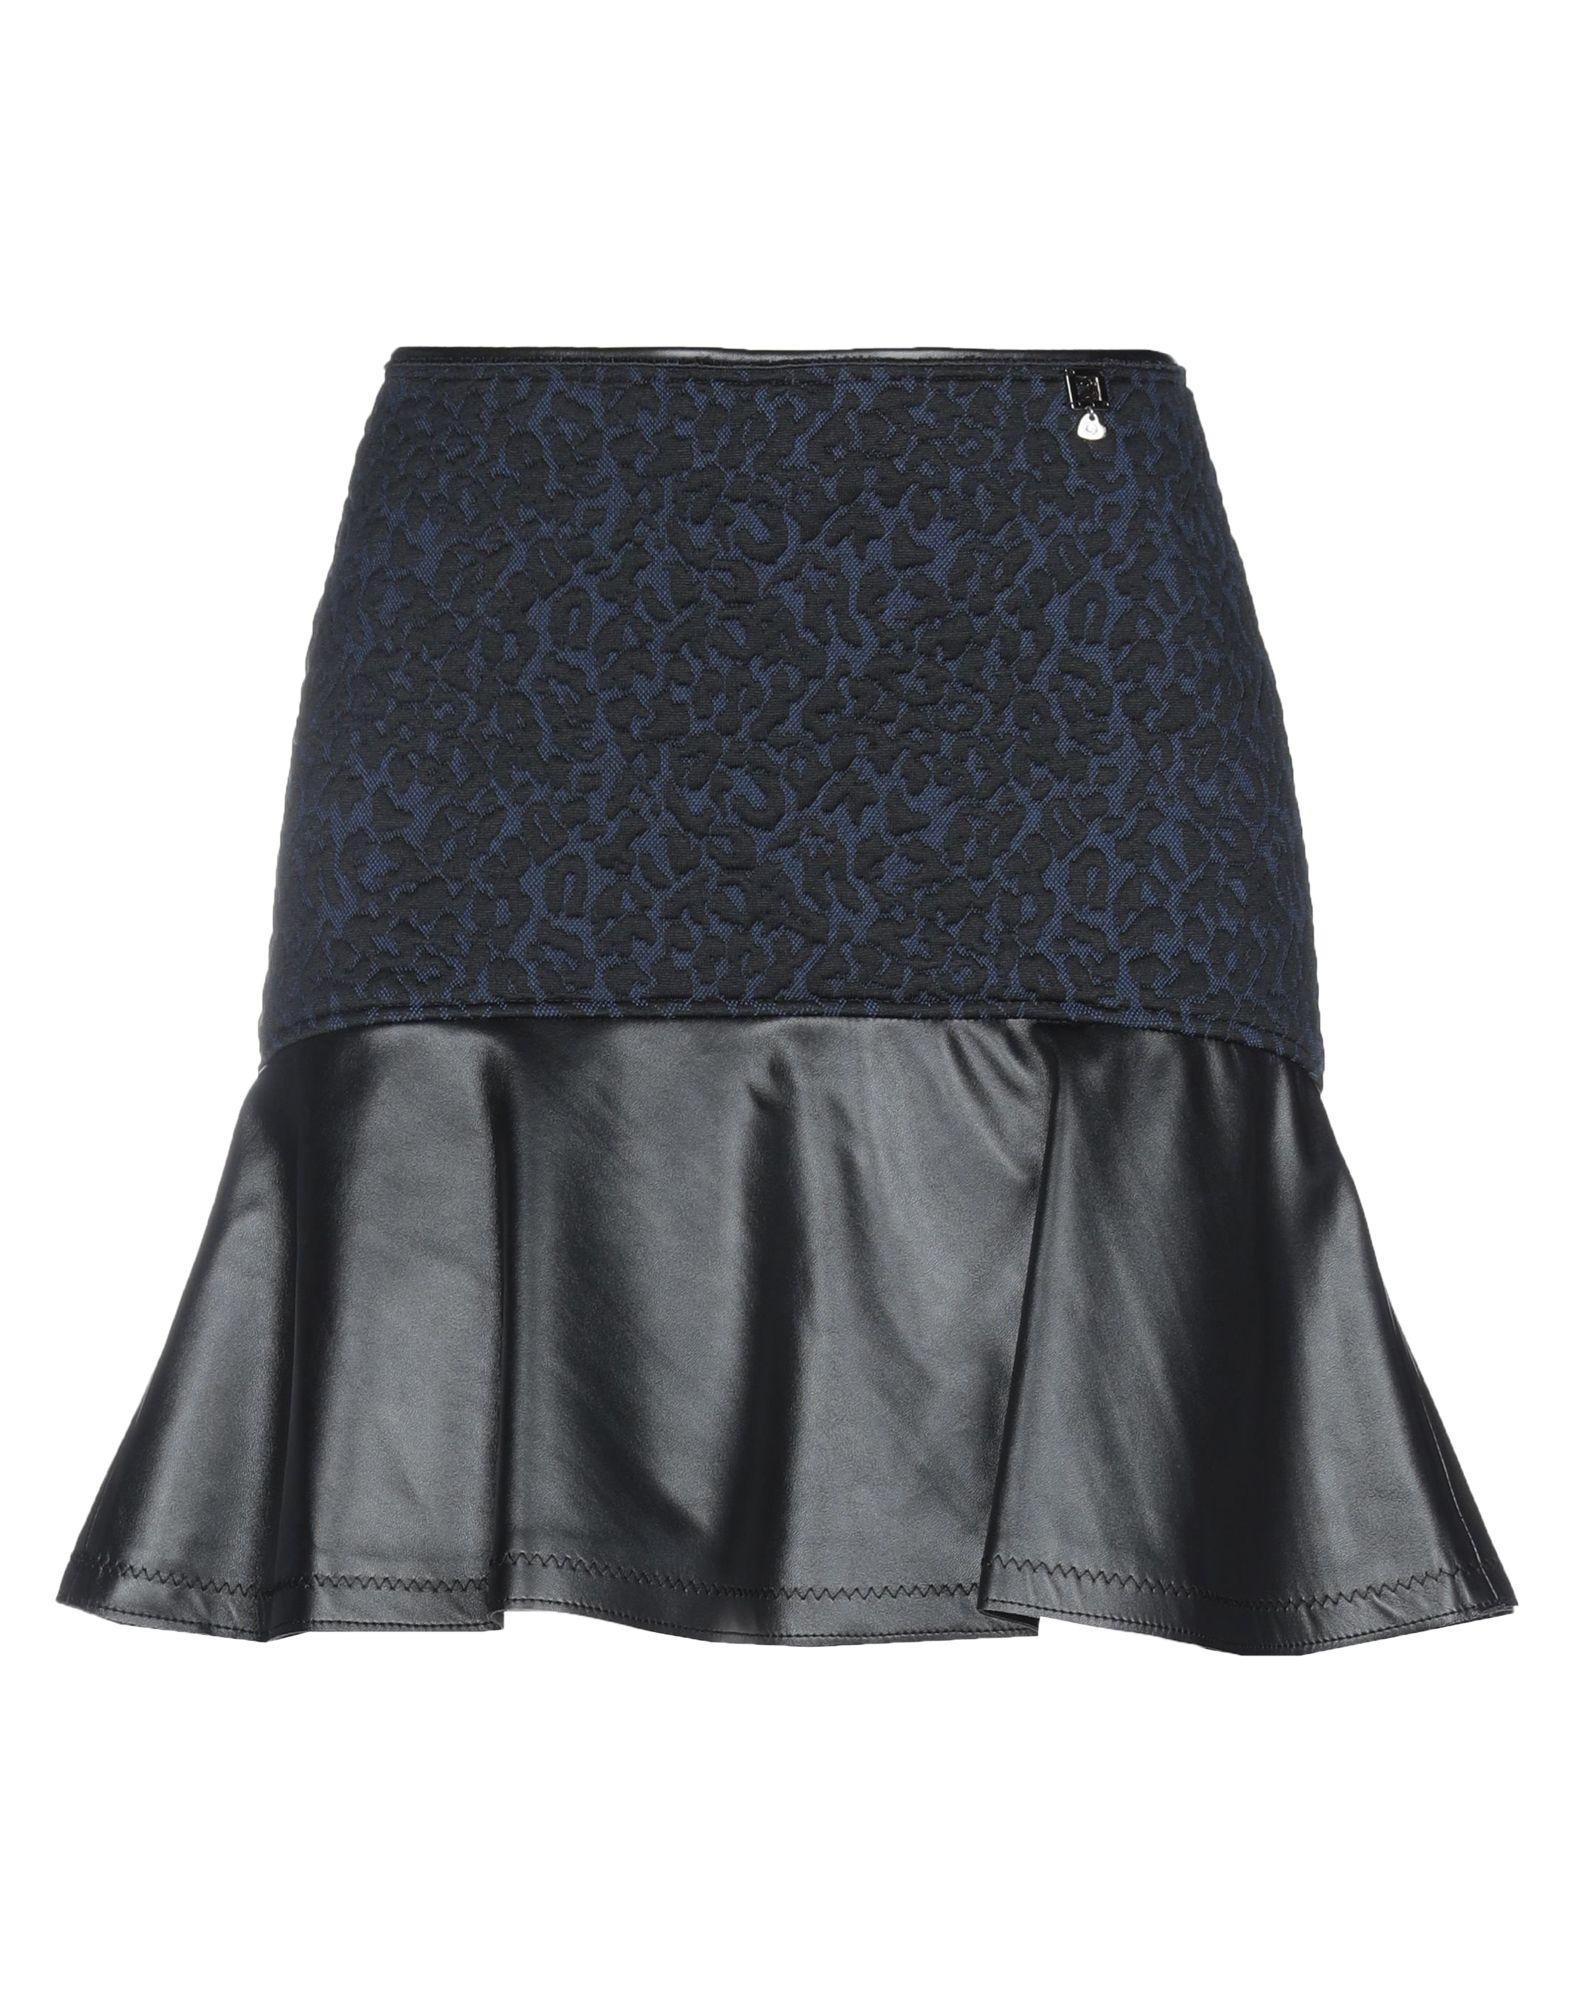 22 MAGGIO by MARIA GRAZIA SEVERI Мини-юбка юбка 22 maggio юбки трикотажные